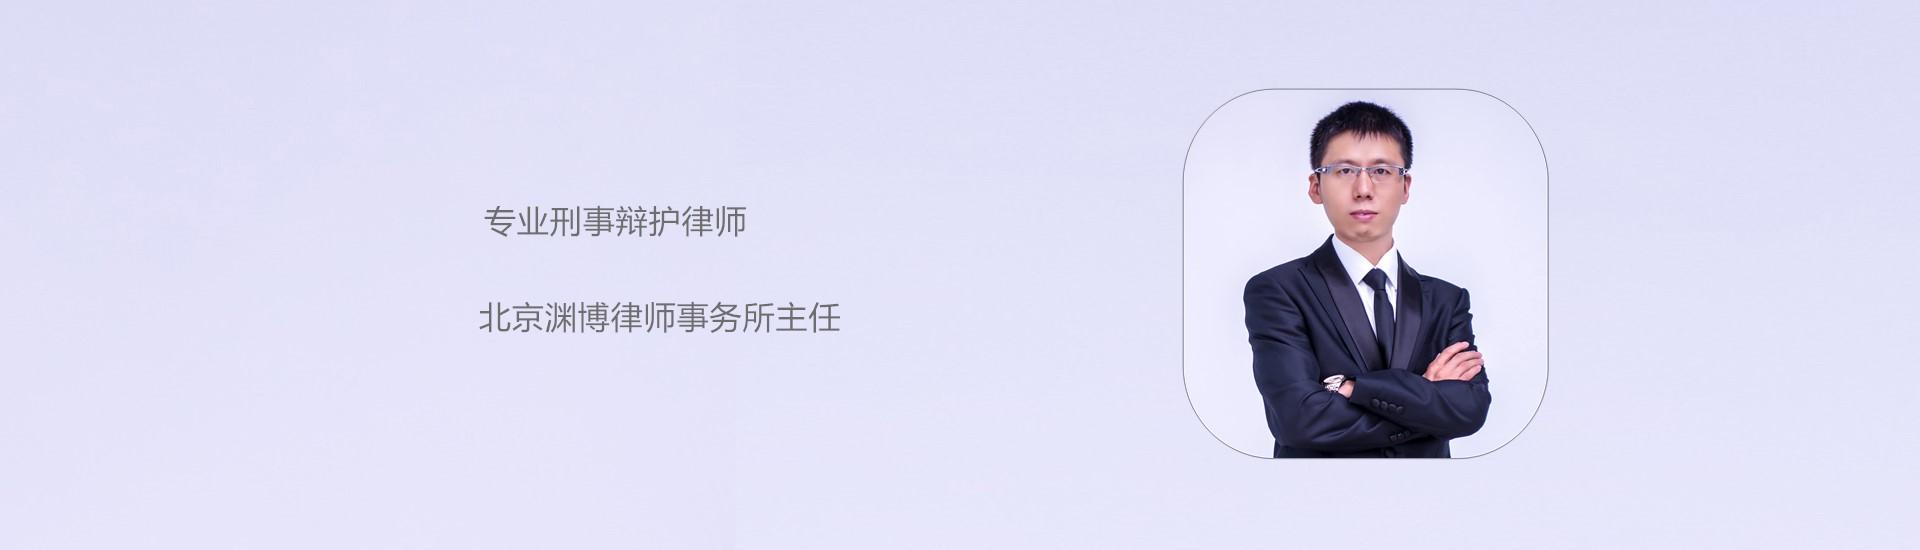 北京毒品律师大图一